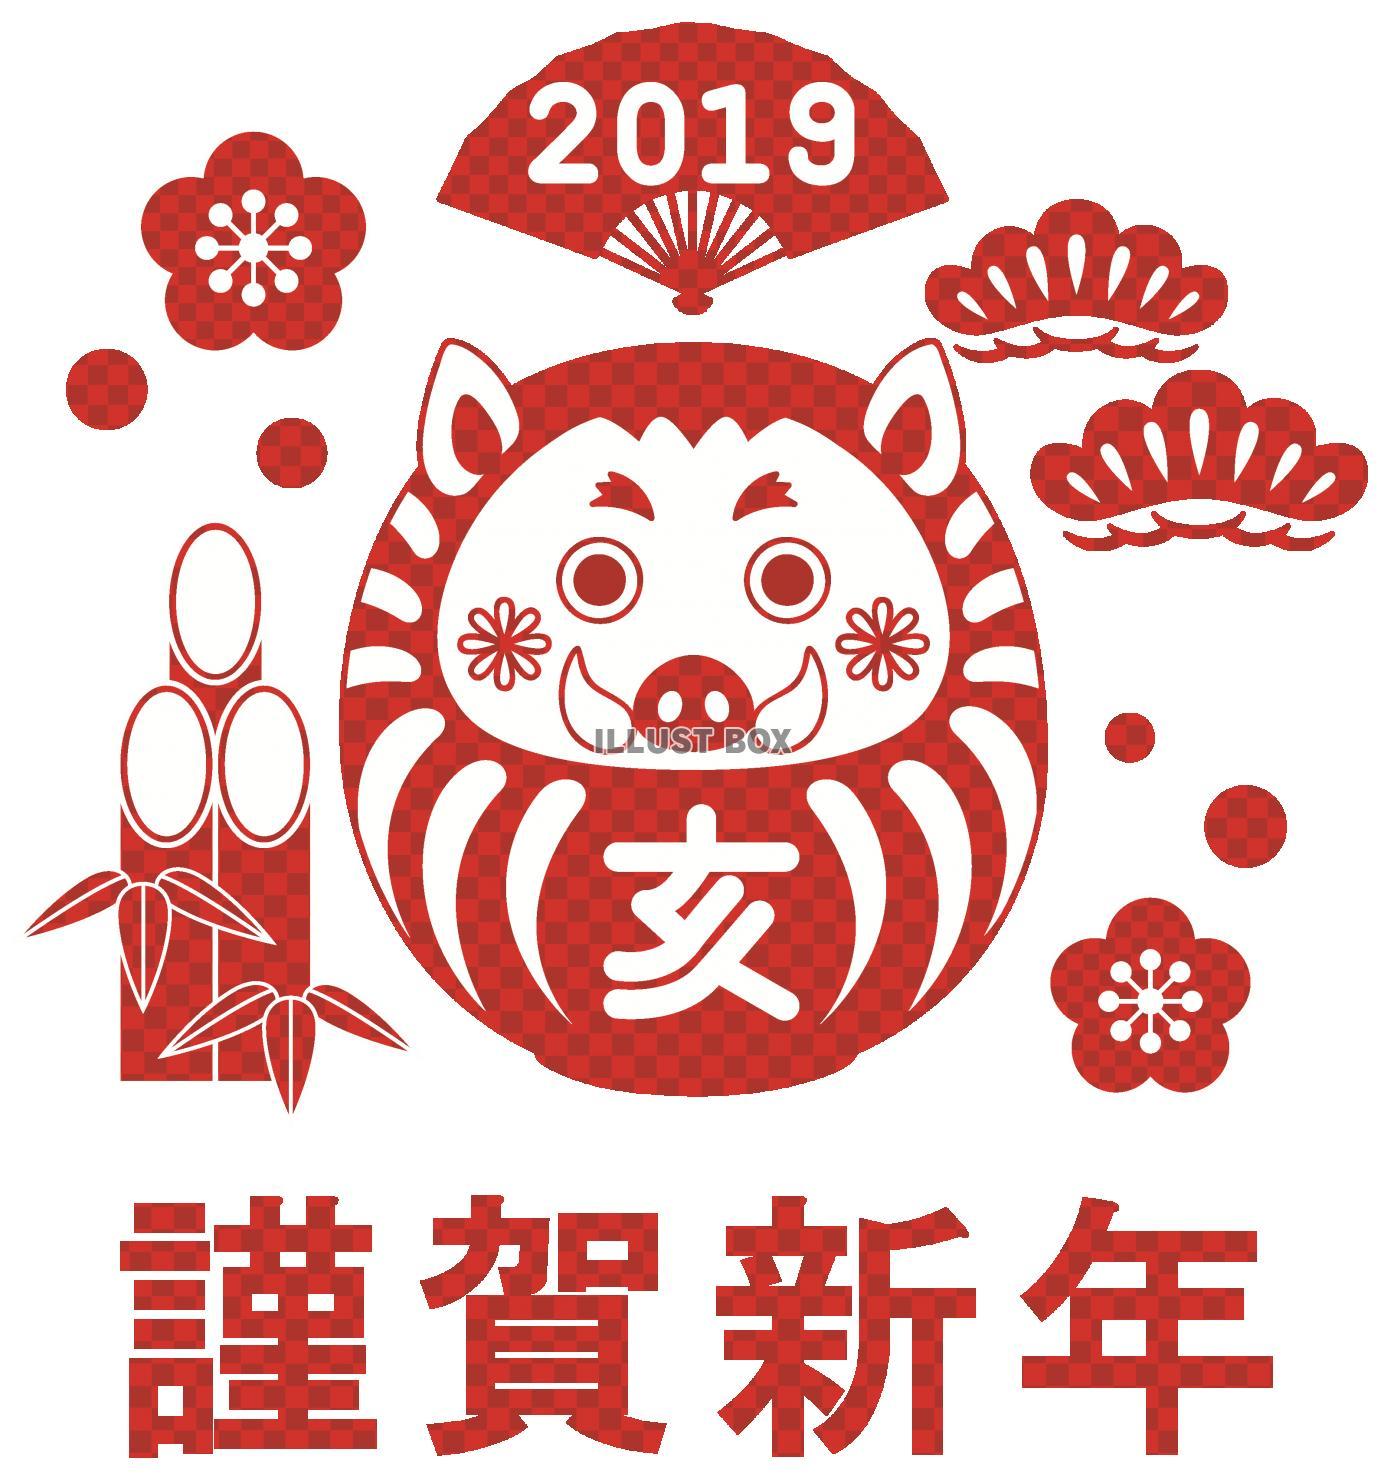 2019年賀状用イラスト・和風のイノシシだるま